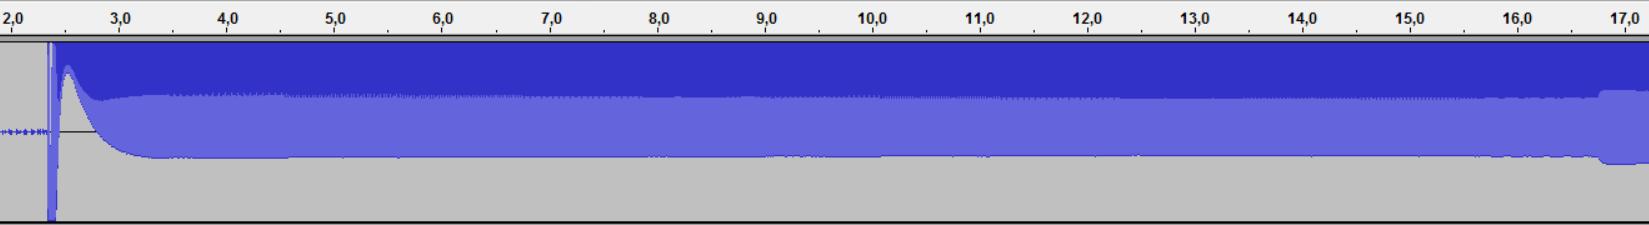 Переходим с STM32 на российский микроконтроллер К1986ВЕ92QI. Практическое применение: Генерируем и воспроизводим звук. Часть первая: генерируем прямоугольный и синусоидальный сигнал. Освоение ЦАП (DAC) - 9